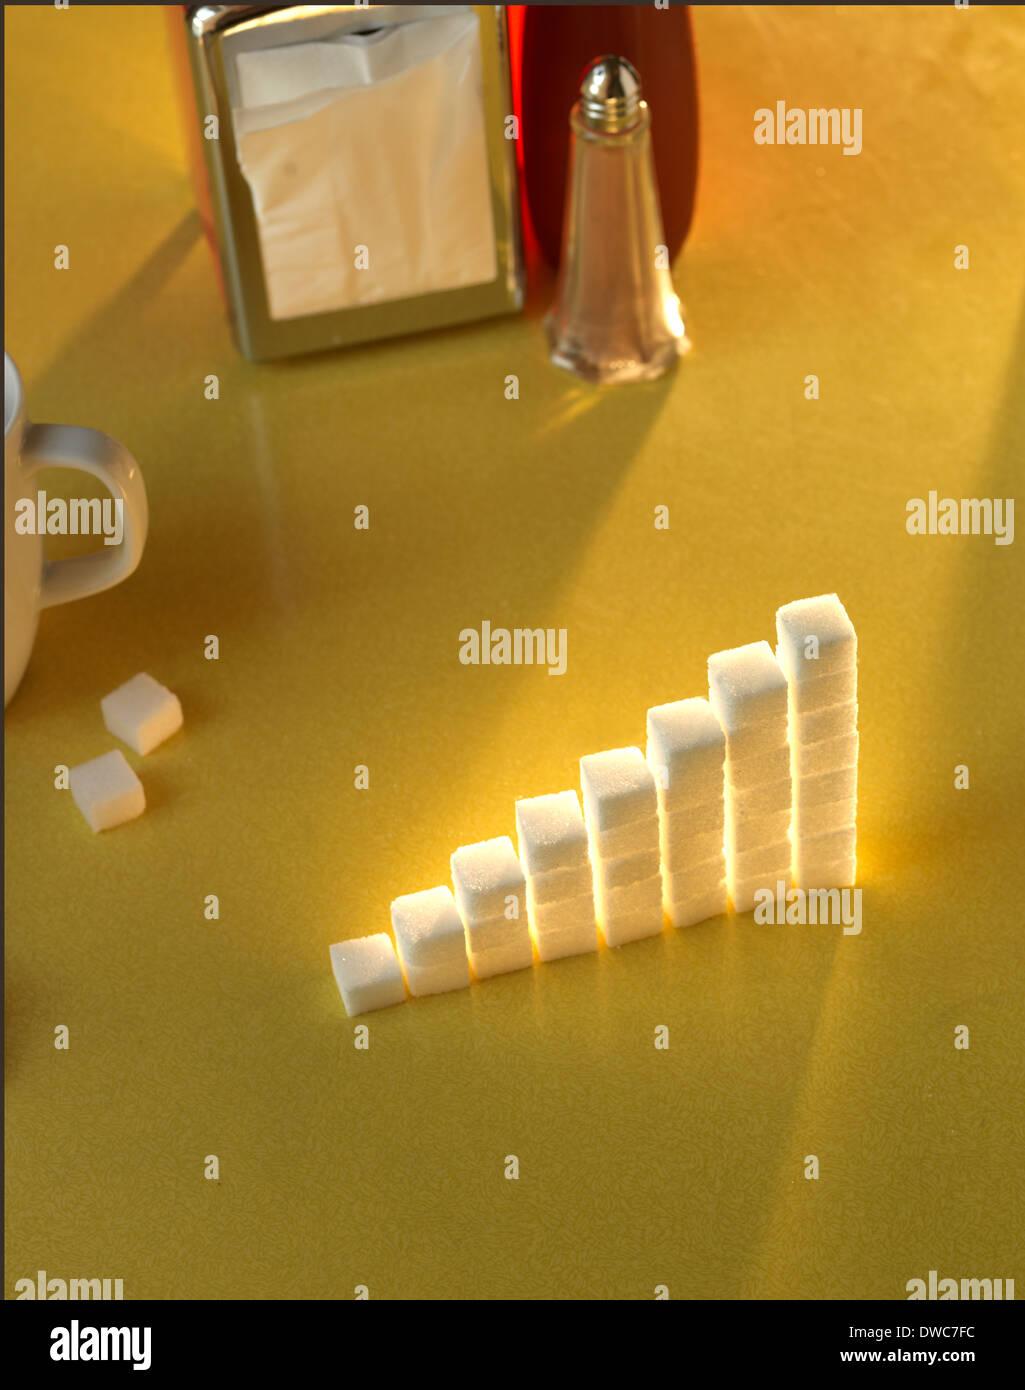 Pila de cubos de azúcar en forma de gráfico en un cuadro amarillo Imagen De Stock